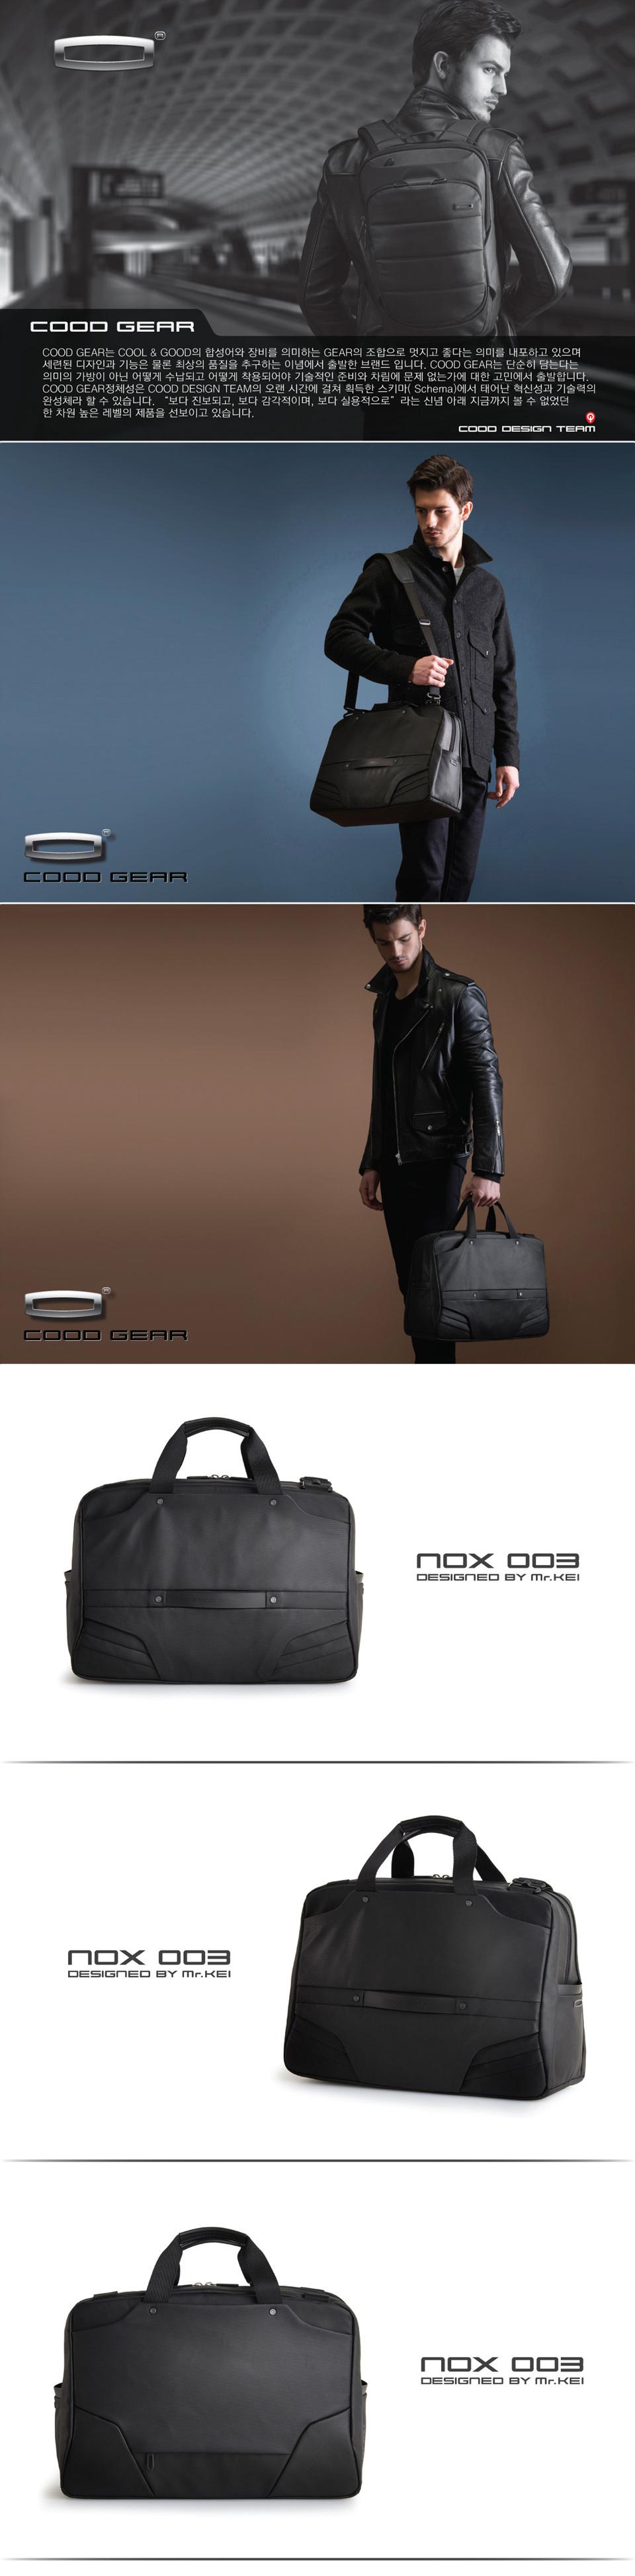 NOX003_1.jpg